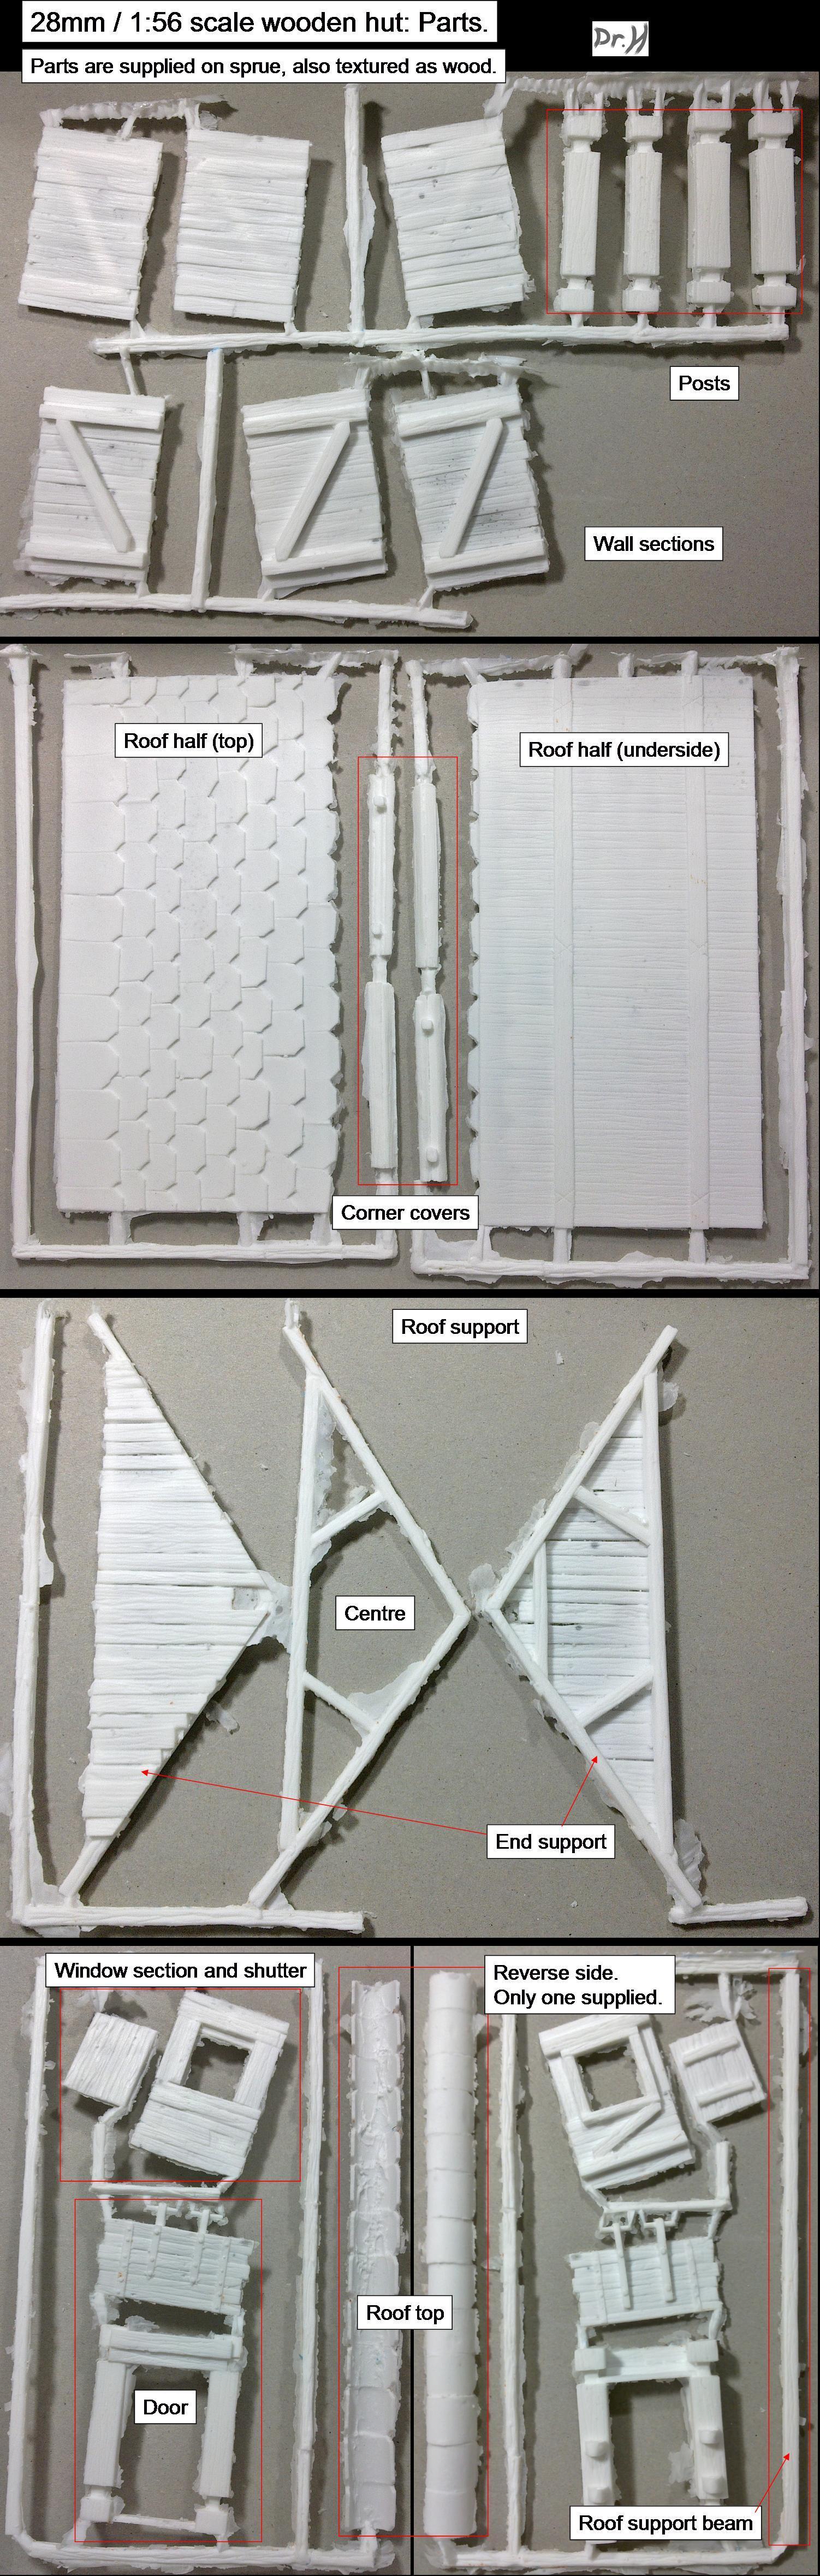 Hut Kit parts identification